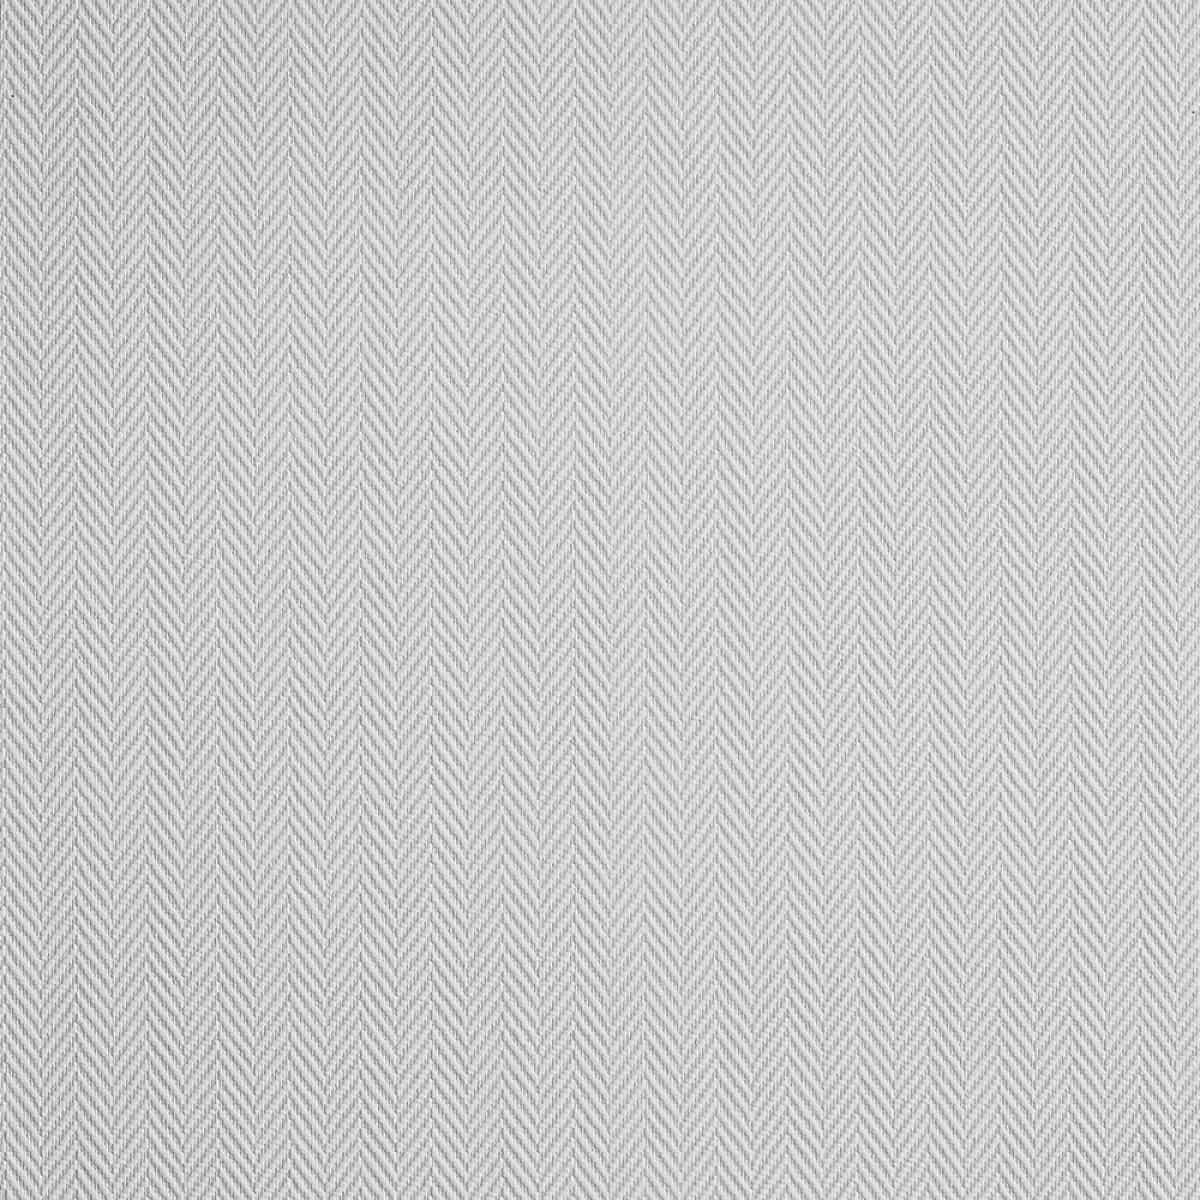 montare rolă de tapet din fibra de sticla de culoare gri în dungi albe tartan